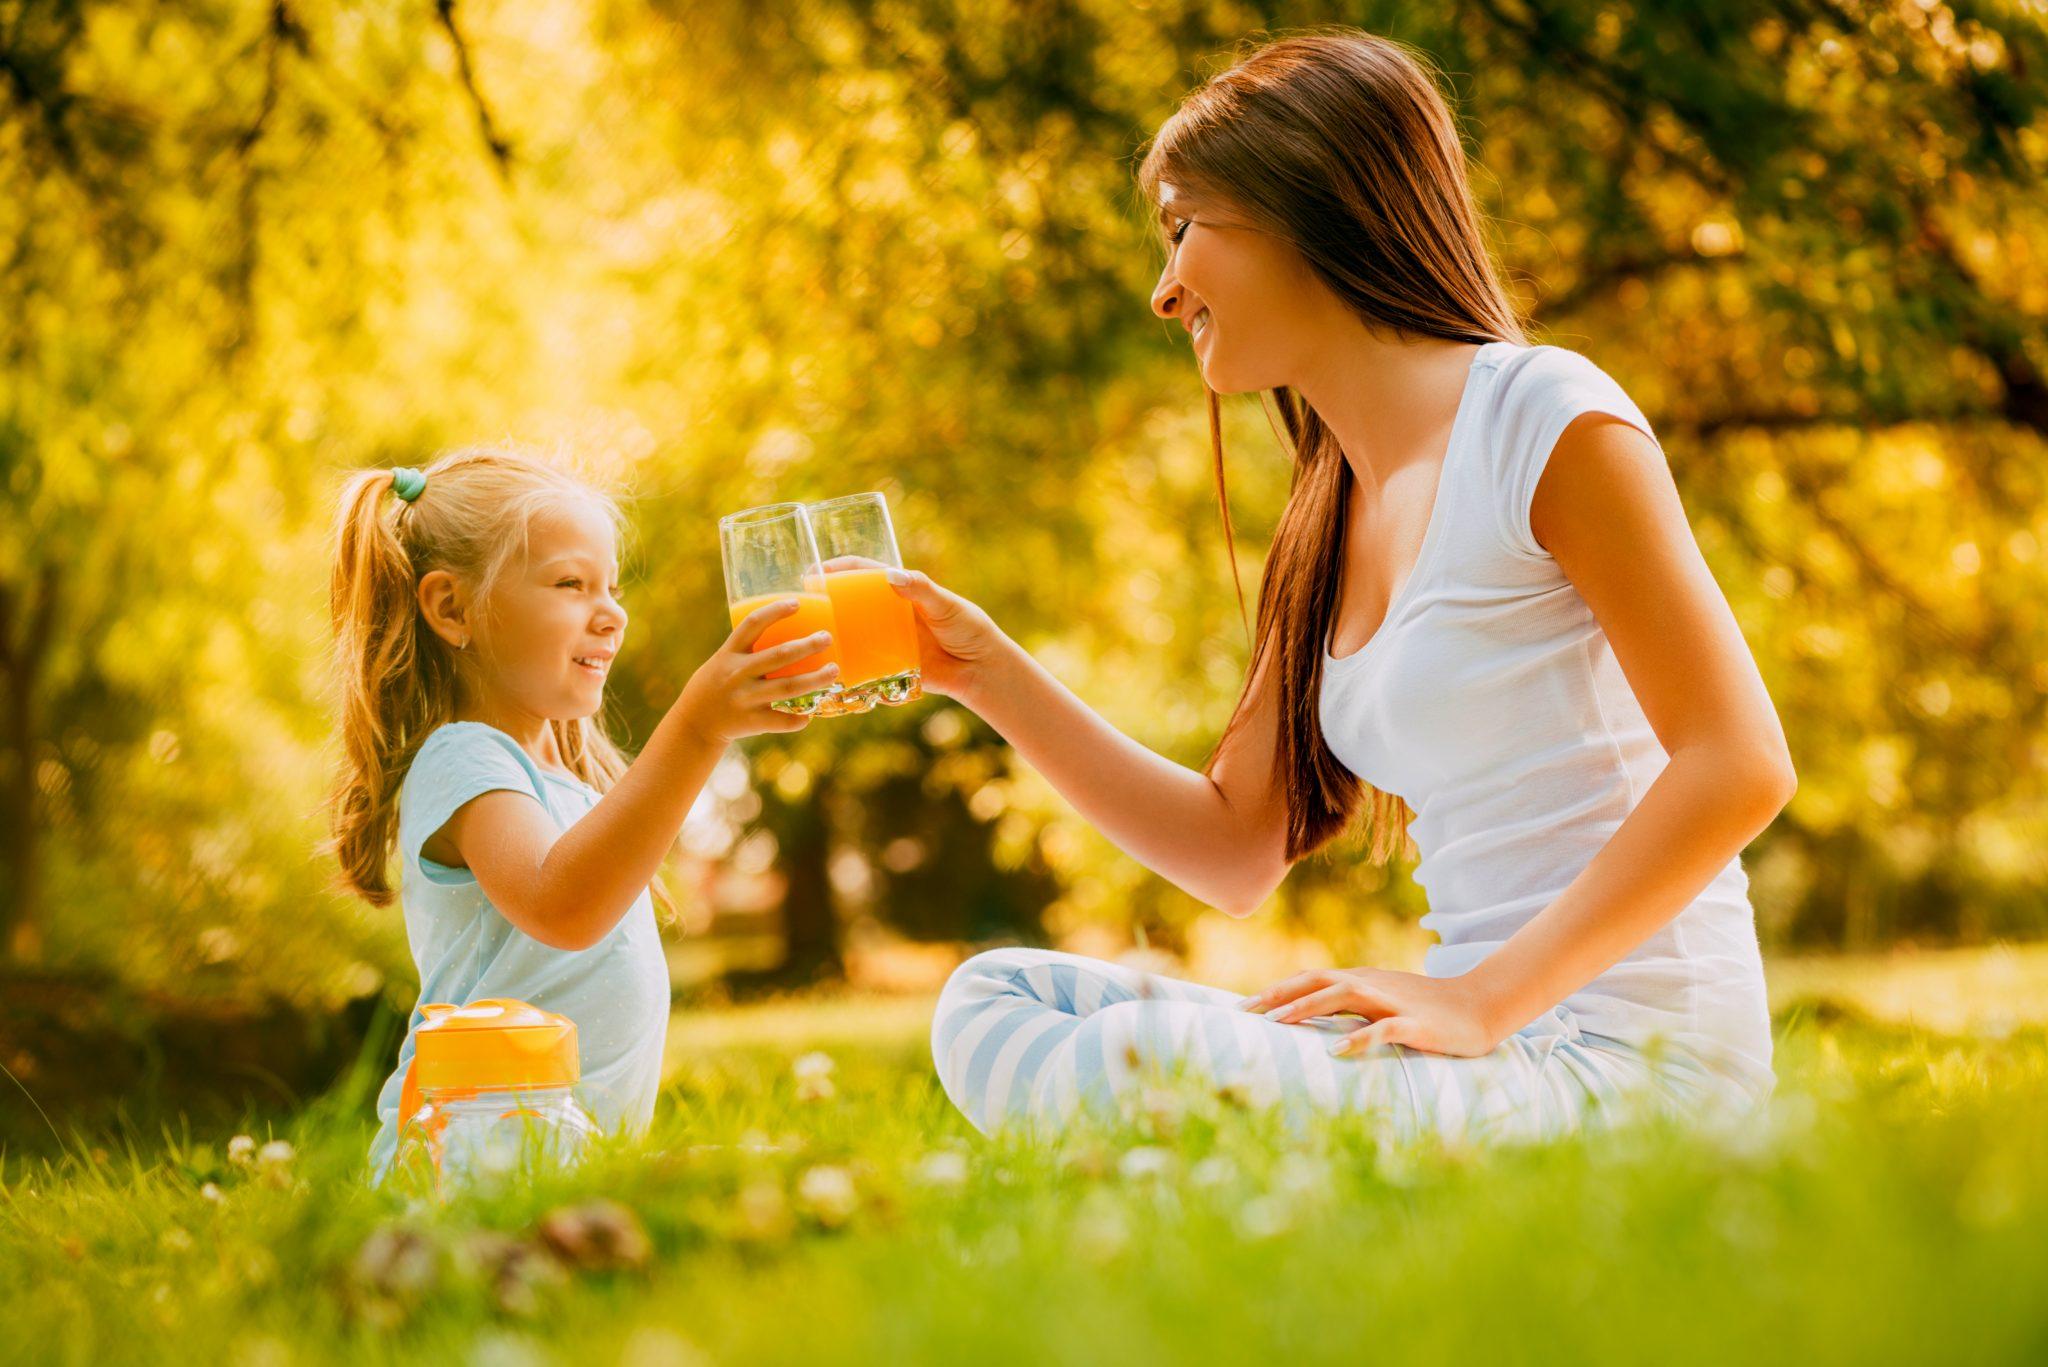 外でお母さんと一緒にオレンジジュースを飲んでいる女の子